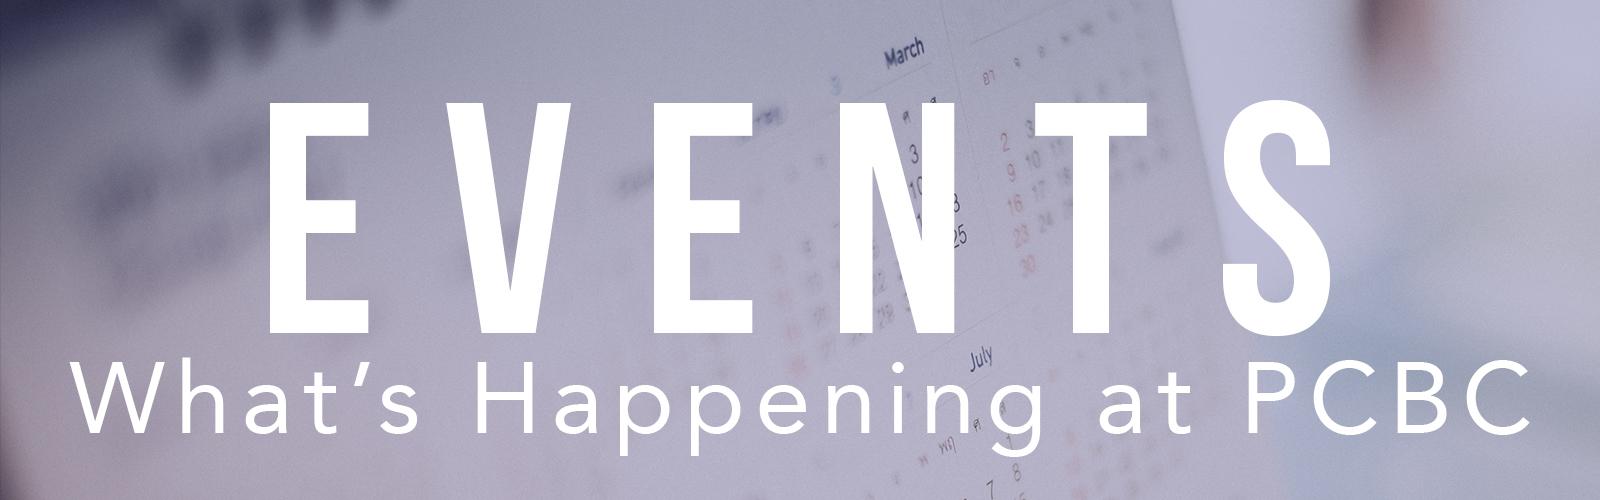 PCBC Events